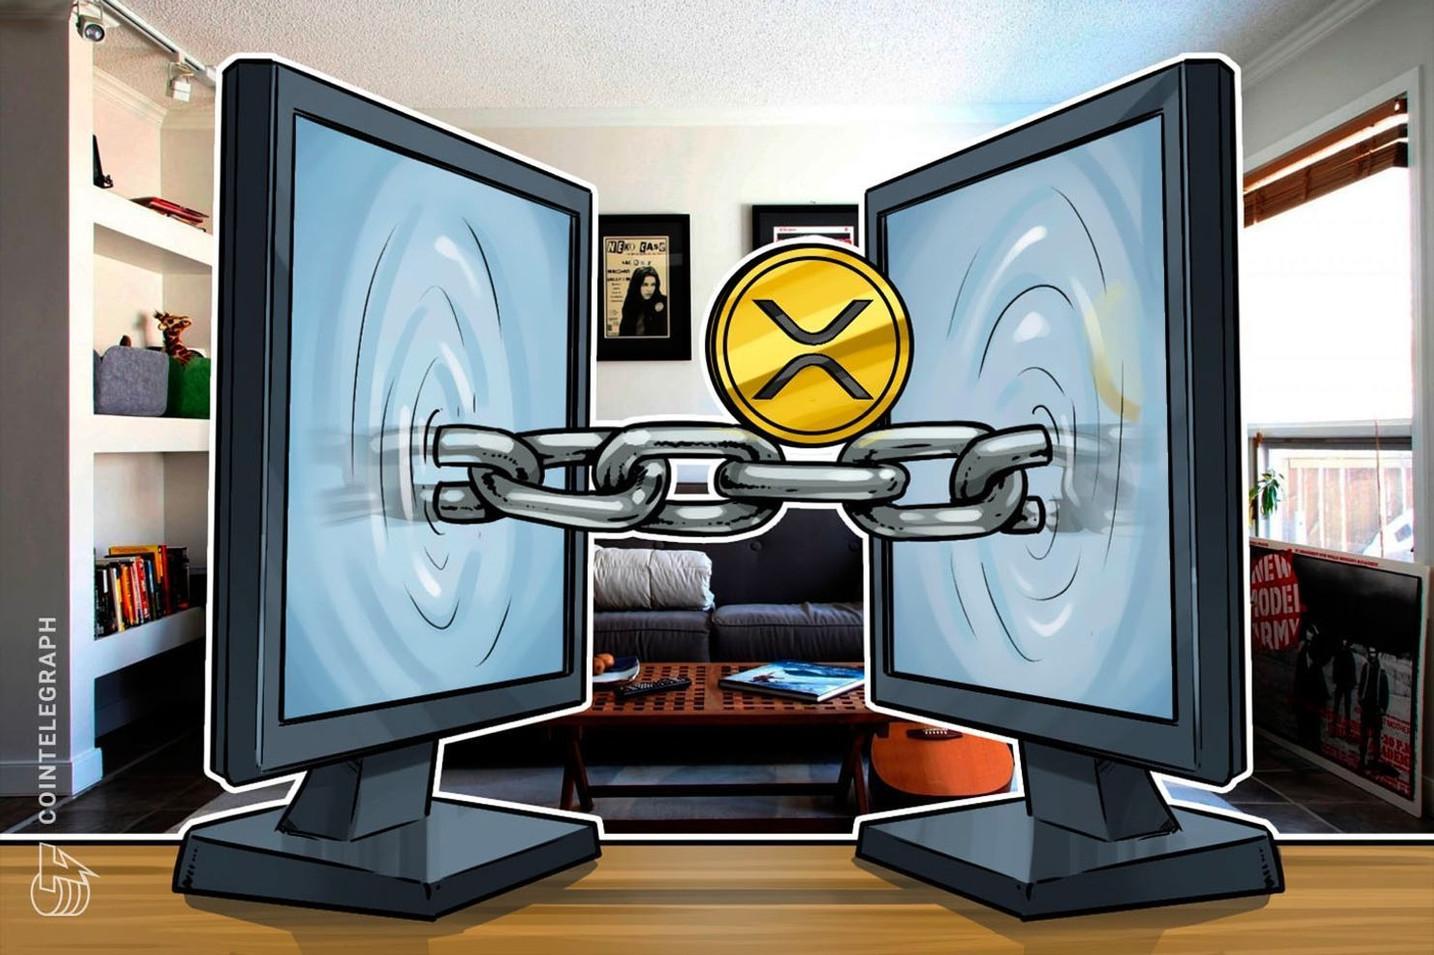 マネーグラム決算、リップルとの提携と仮想通貨XRPによる利益アップに期待